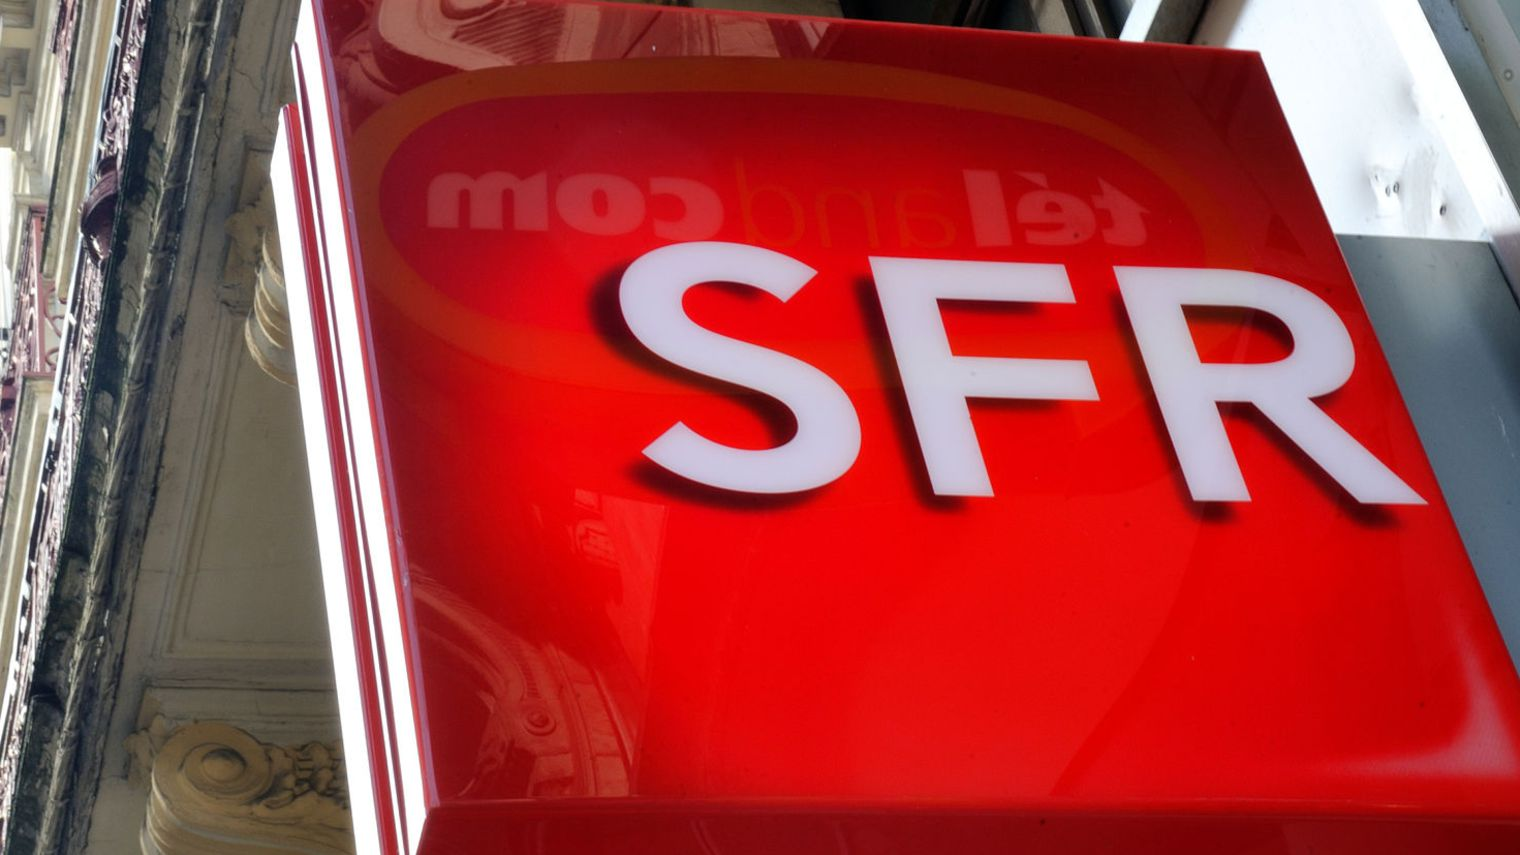 Son plan pour fibrer la France seul est dangereux, selon l'Arcep — SFR